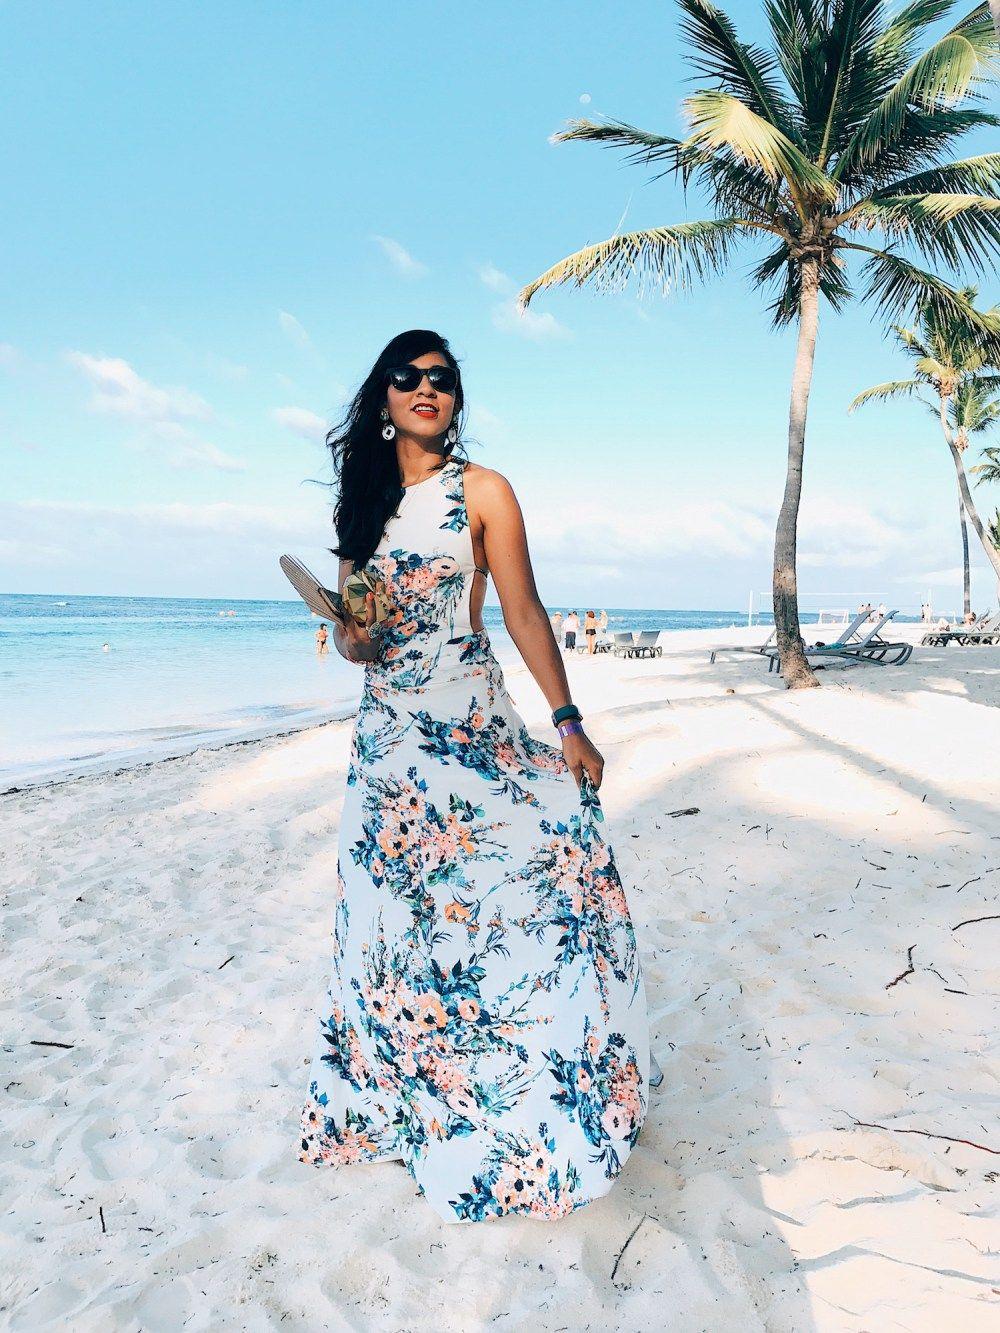 Boda En La Playa 11 Vestidos Por Menos De Us50 Boda